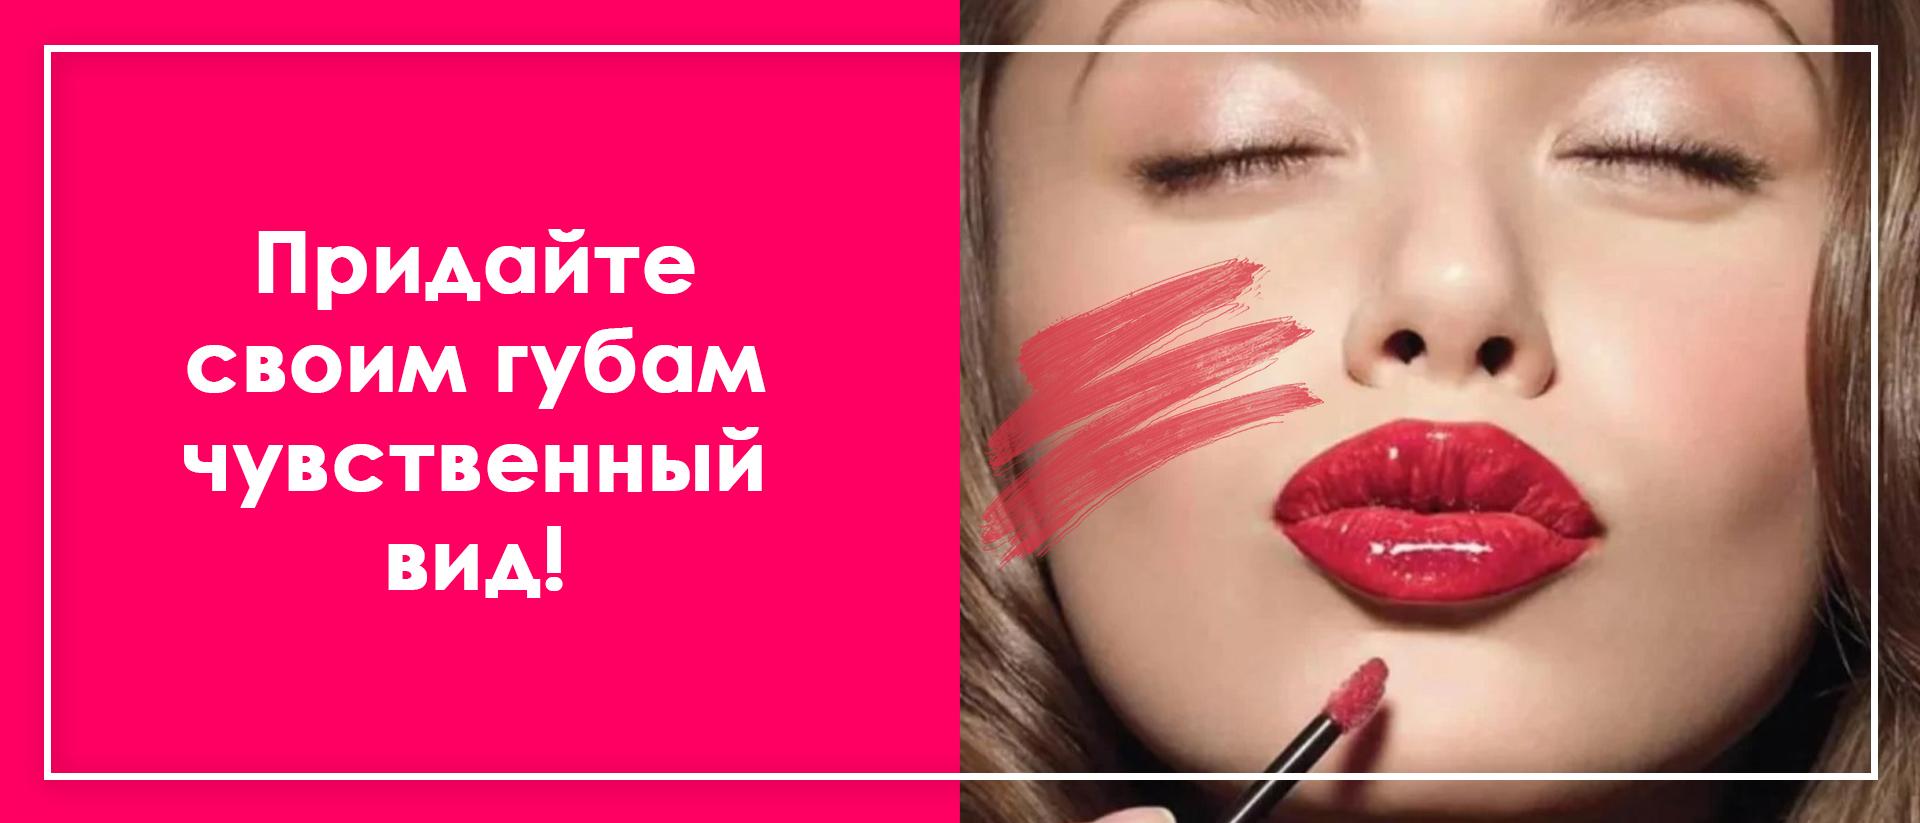 Купить блеск для губ в Алматы недорого